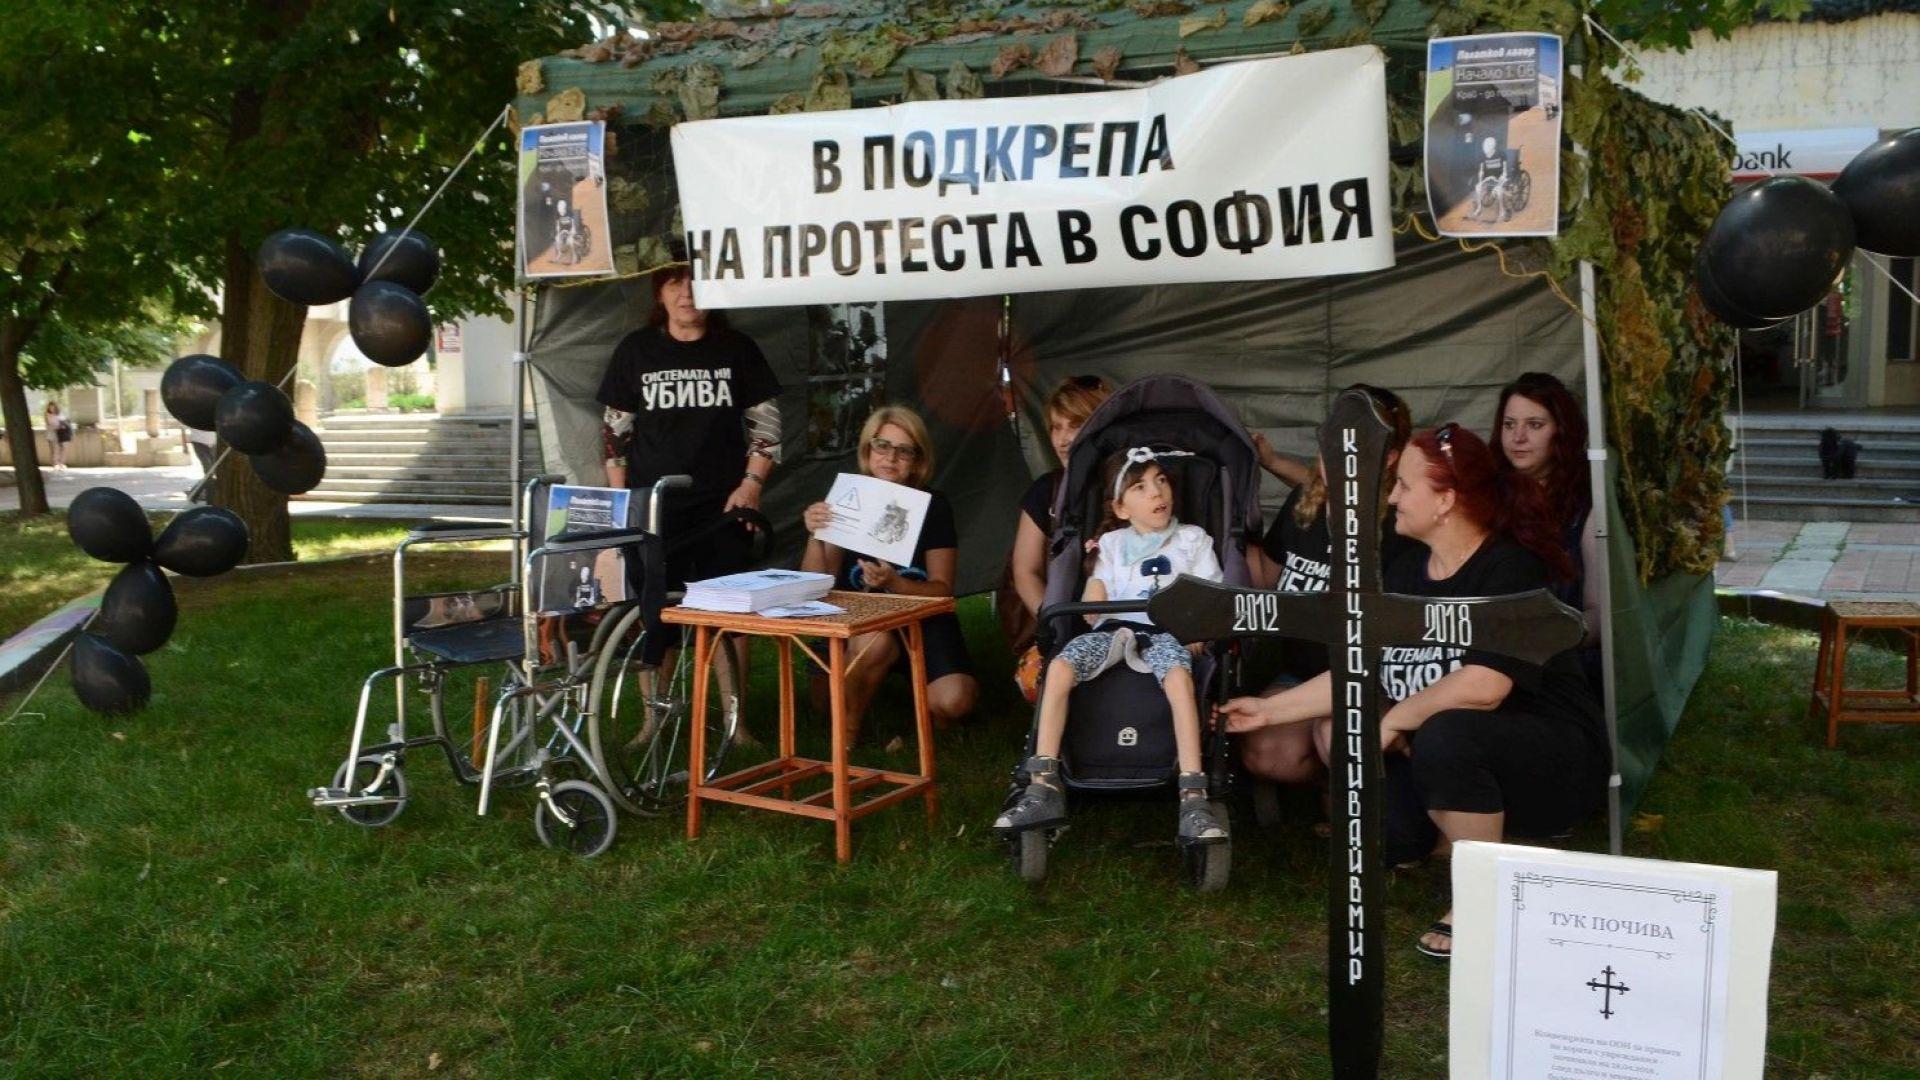 Борисов даде жертва, но народът го изненада. Какво следва?